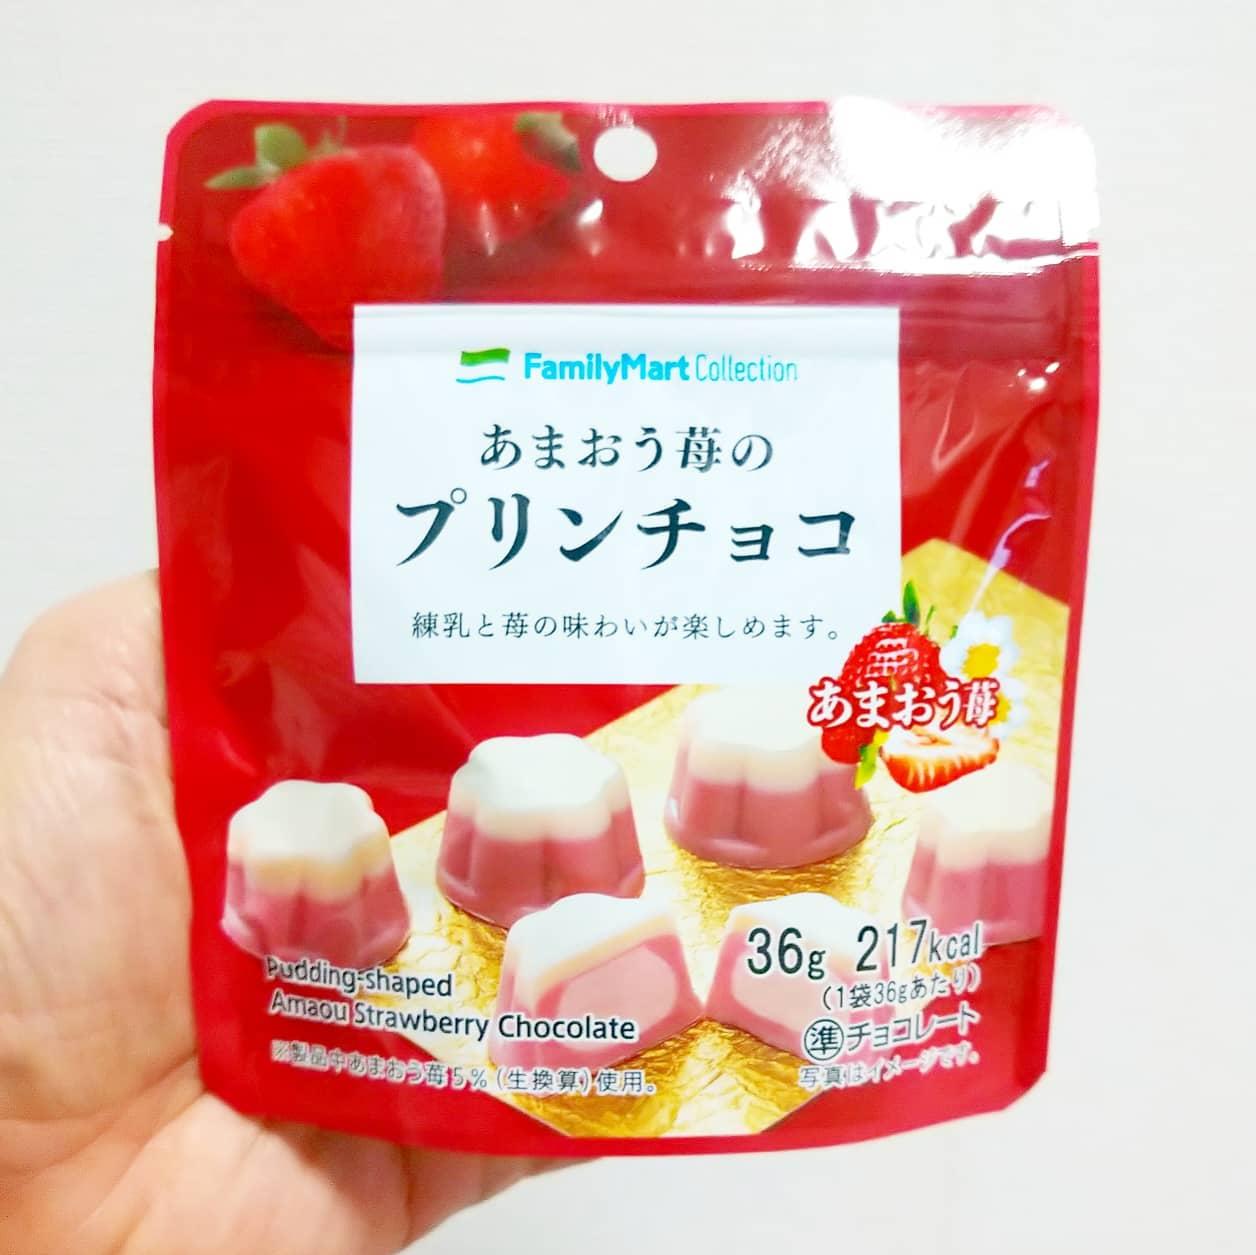 #いちごミルクラブ #カバヤ食品  #あまおう苺のプリンチョコ 謎イチゴ系-☆---本物イチゴ系甘さ強め系--☆--控え目系こってり系--☆--さっぱり系超ミルク系--☆--ほんのり系おもいで度--☆-- #侍猫度良い!謎苺味にホワイトチョコ的味しつつチロル的な口どけのやつ!苺の酸味とかほぼ無しで謎苺牛乳的な風味がなかなか良いよ!5粒だけなのが残念ですがね、練乳感がもう少し強めだと味は超好み。ファミマで買ったやつだね。ファミマやりおる!#いちごオレ #いちごオレ味 #いちごミルク #いちごミルクみたい #いちご牛乳 #いちご牛乳味 #イチゴ牛乳 #いちご牛乳クラブ #苺牛乳 #苺牛乳が好き #苺ミルク #苺スイーツ #苺 #苺好きに生まれたからには #メソギア派 #糖分 #いちごミルク味 #スイーツ #スイーツ好き #スイーツスタグラム #スイーツタイム #スイーツ写真 #strawberry #strawberrymilk